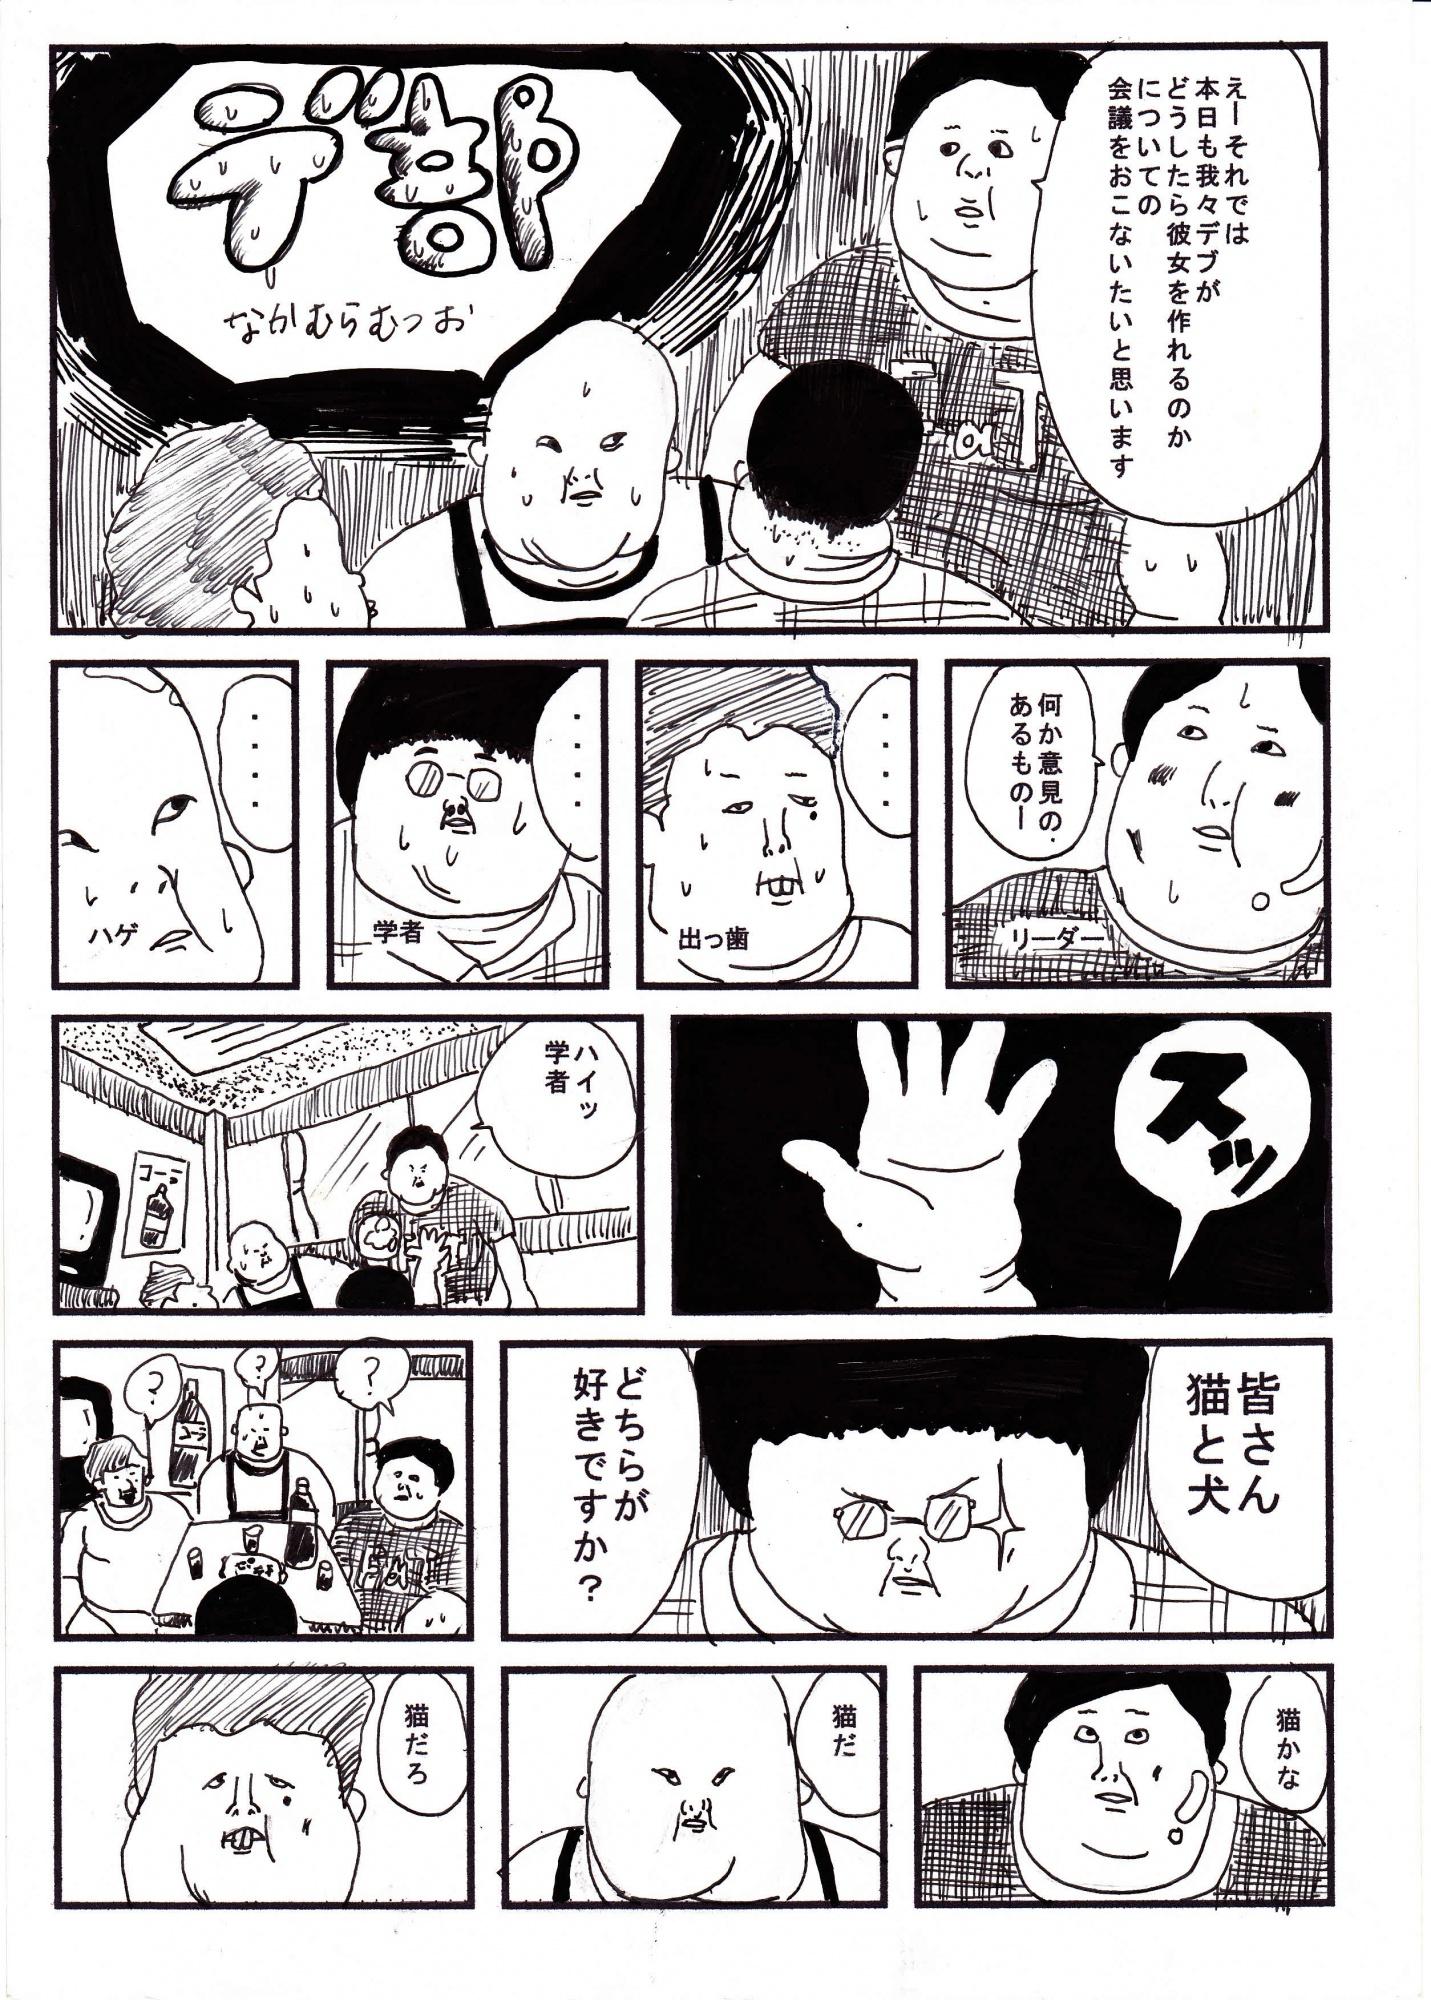 中村むつおのWEB漫画第七回「デ部」